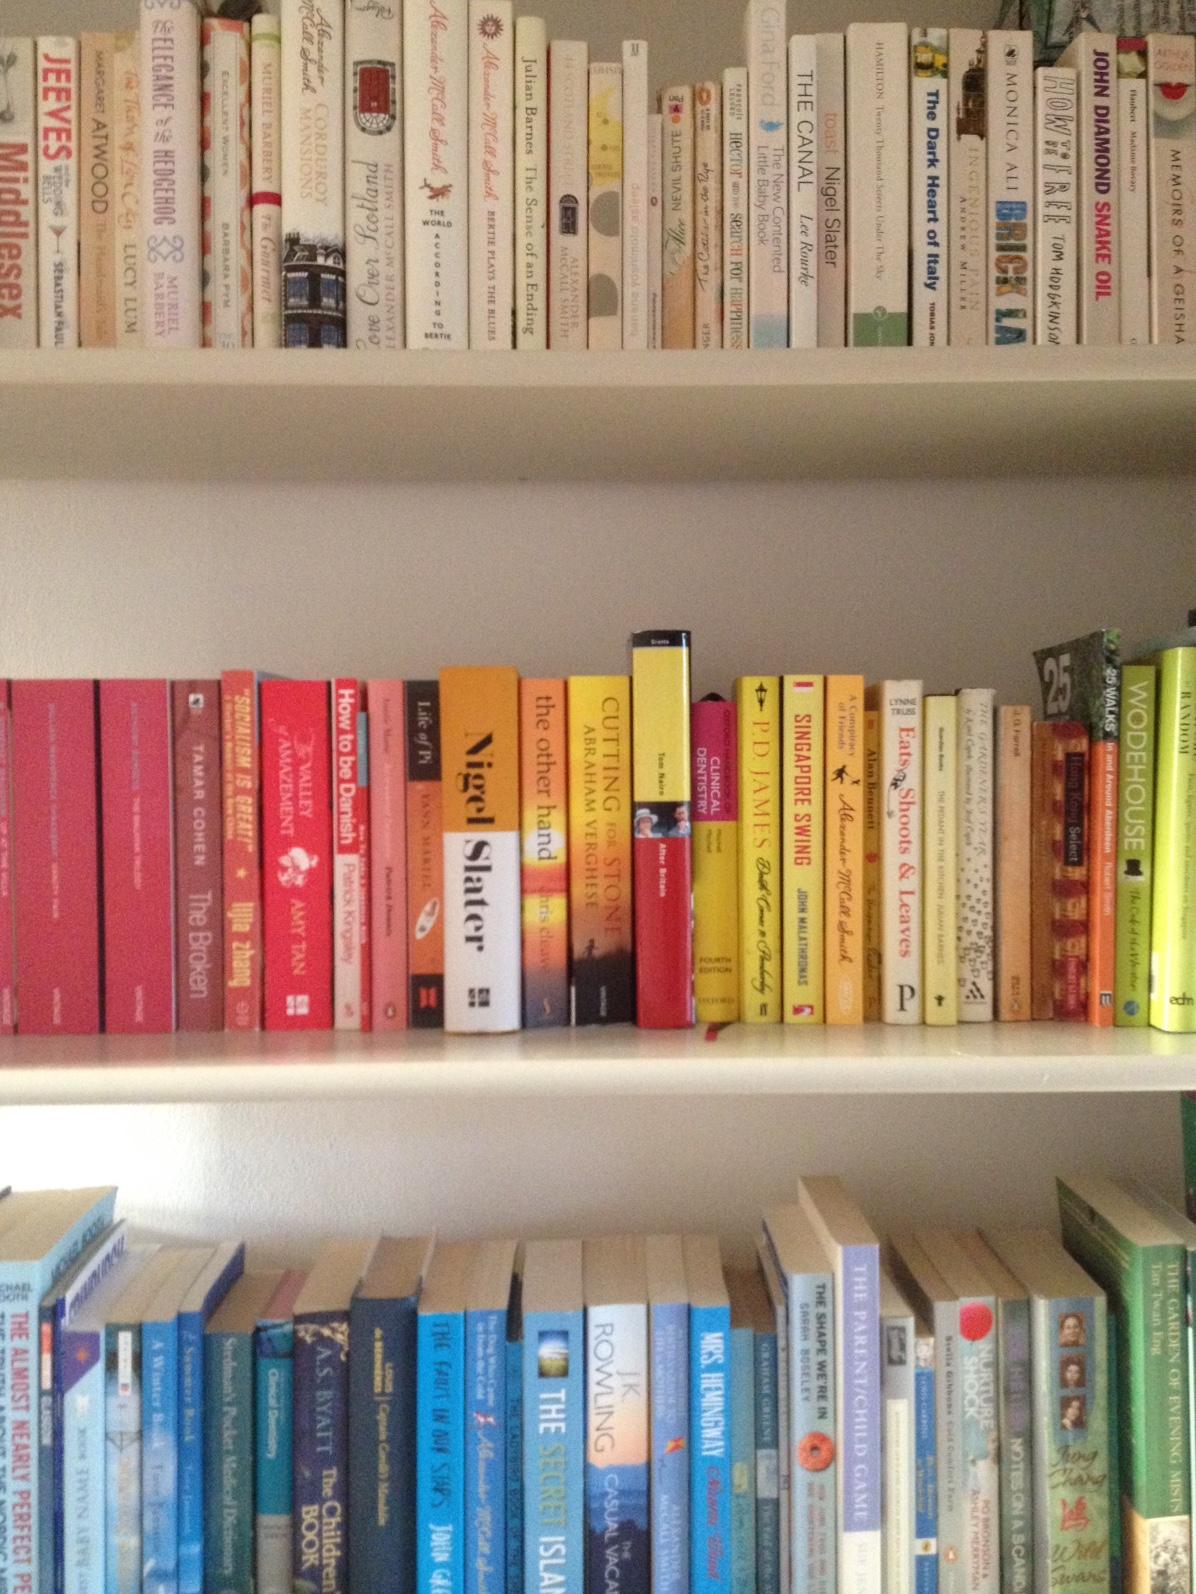 Mimi's bookshelf